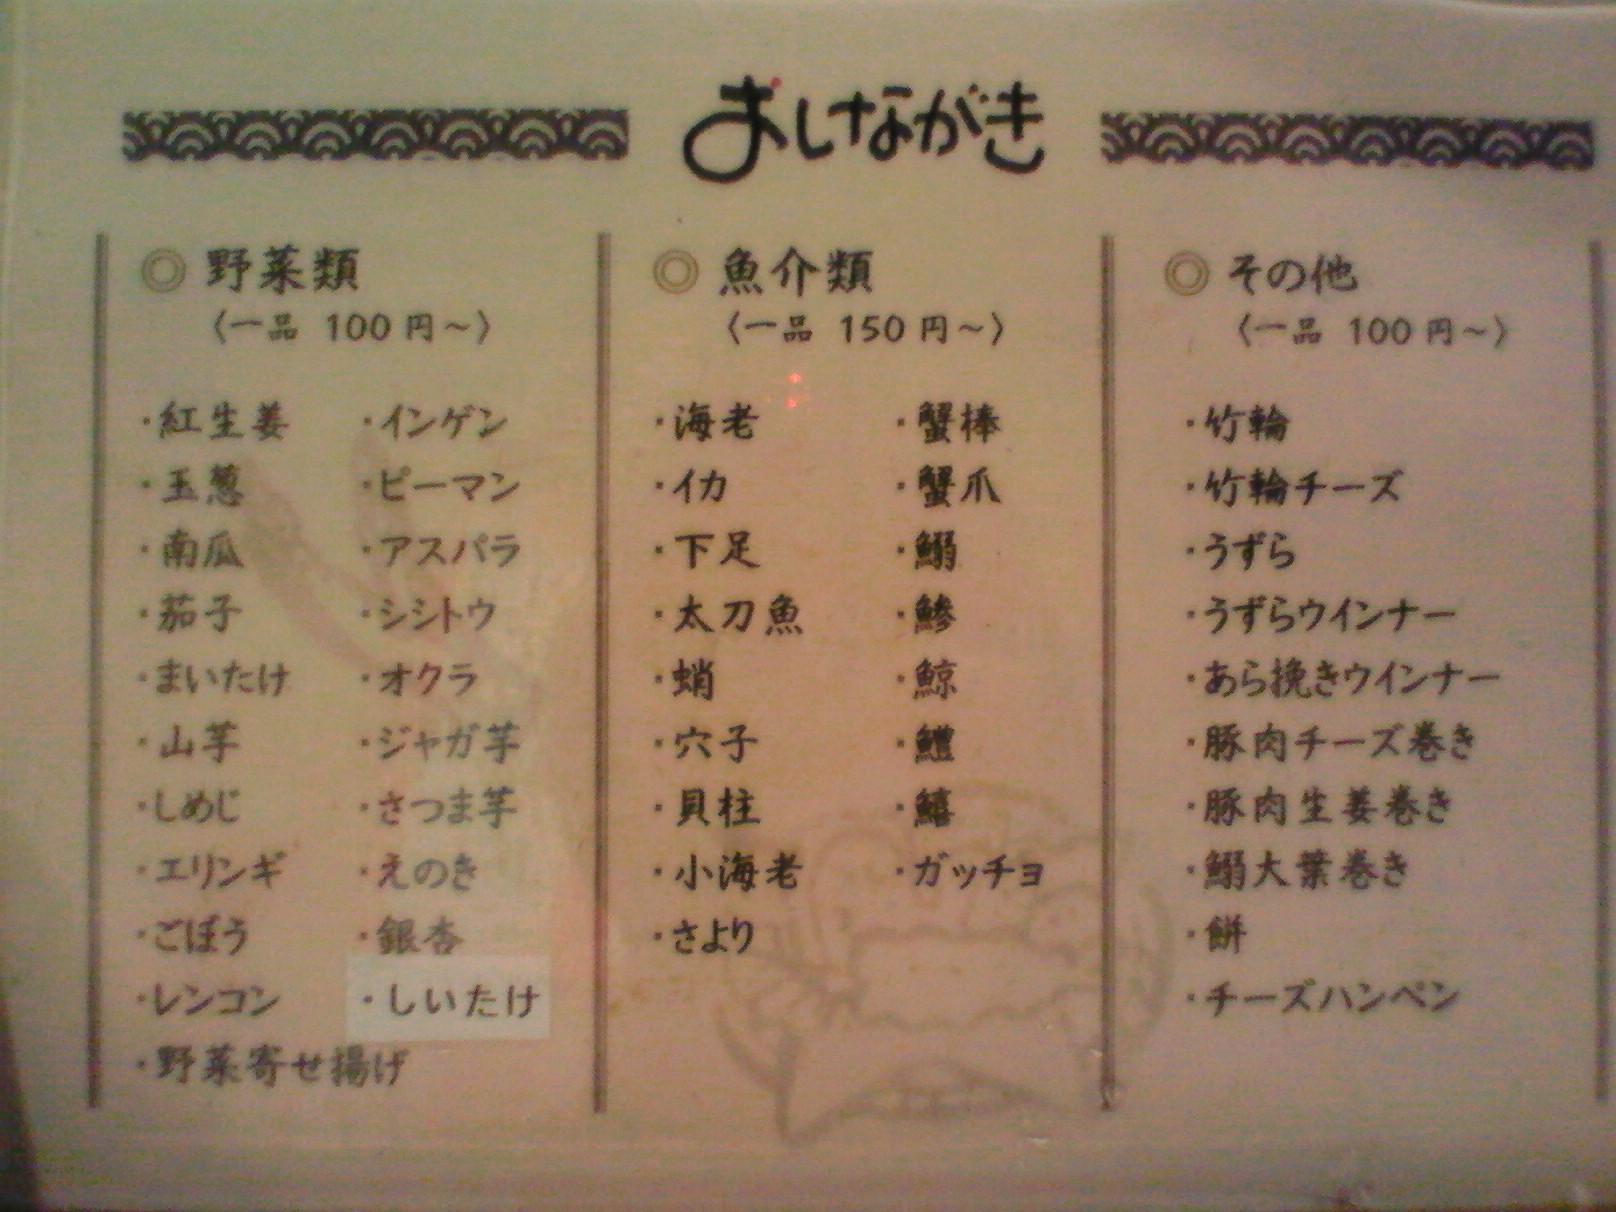 堺魚市場 天ぷら大吉 おしながき メニュー 金額